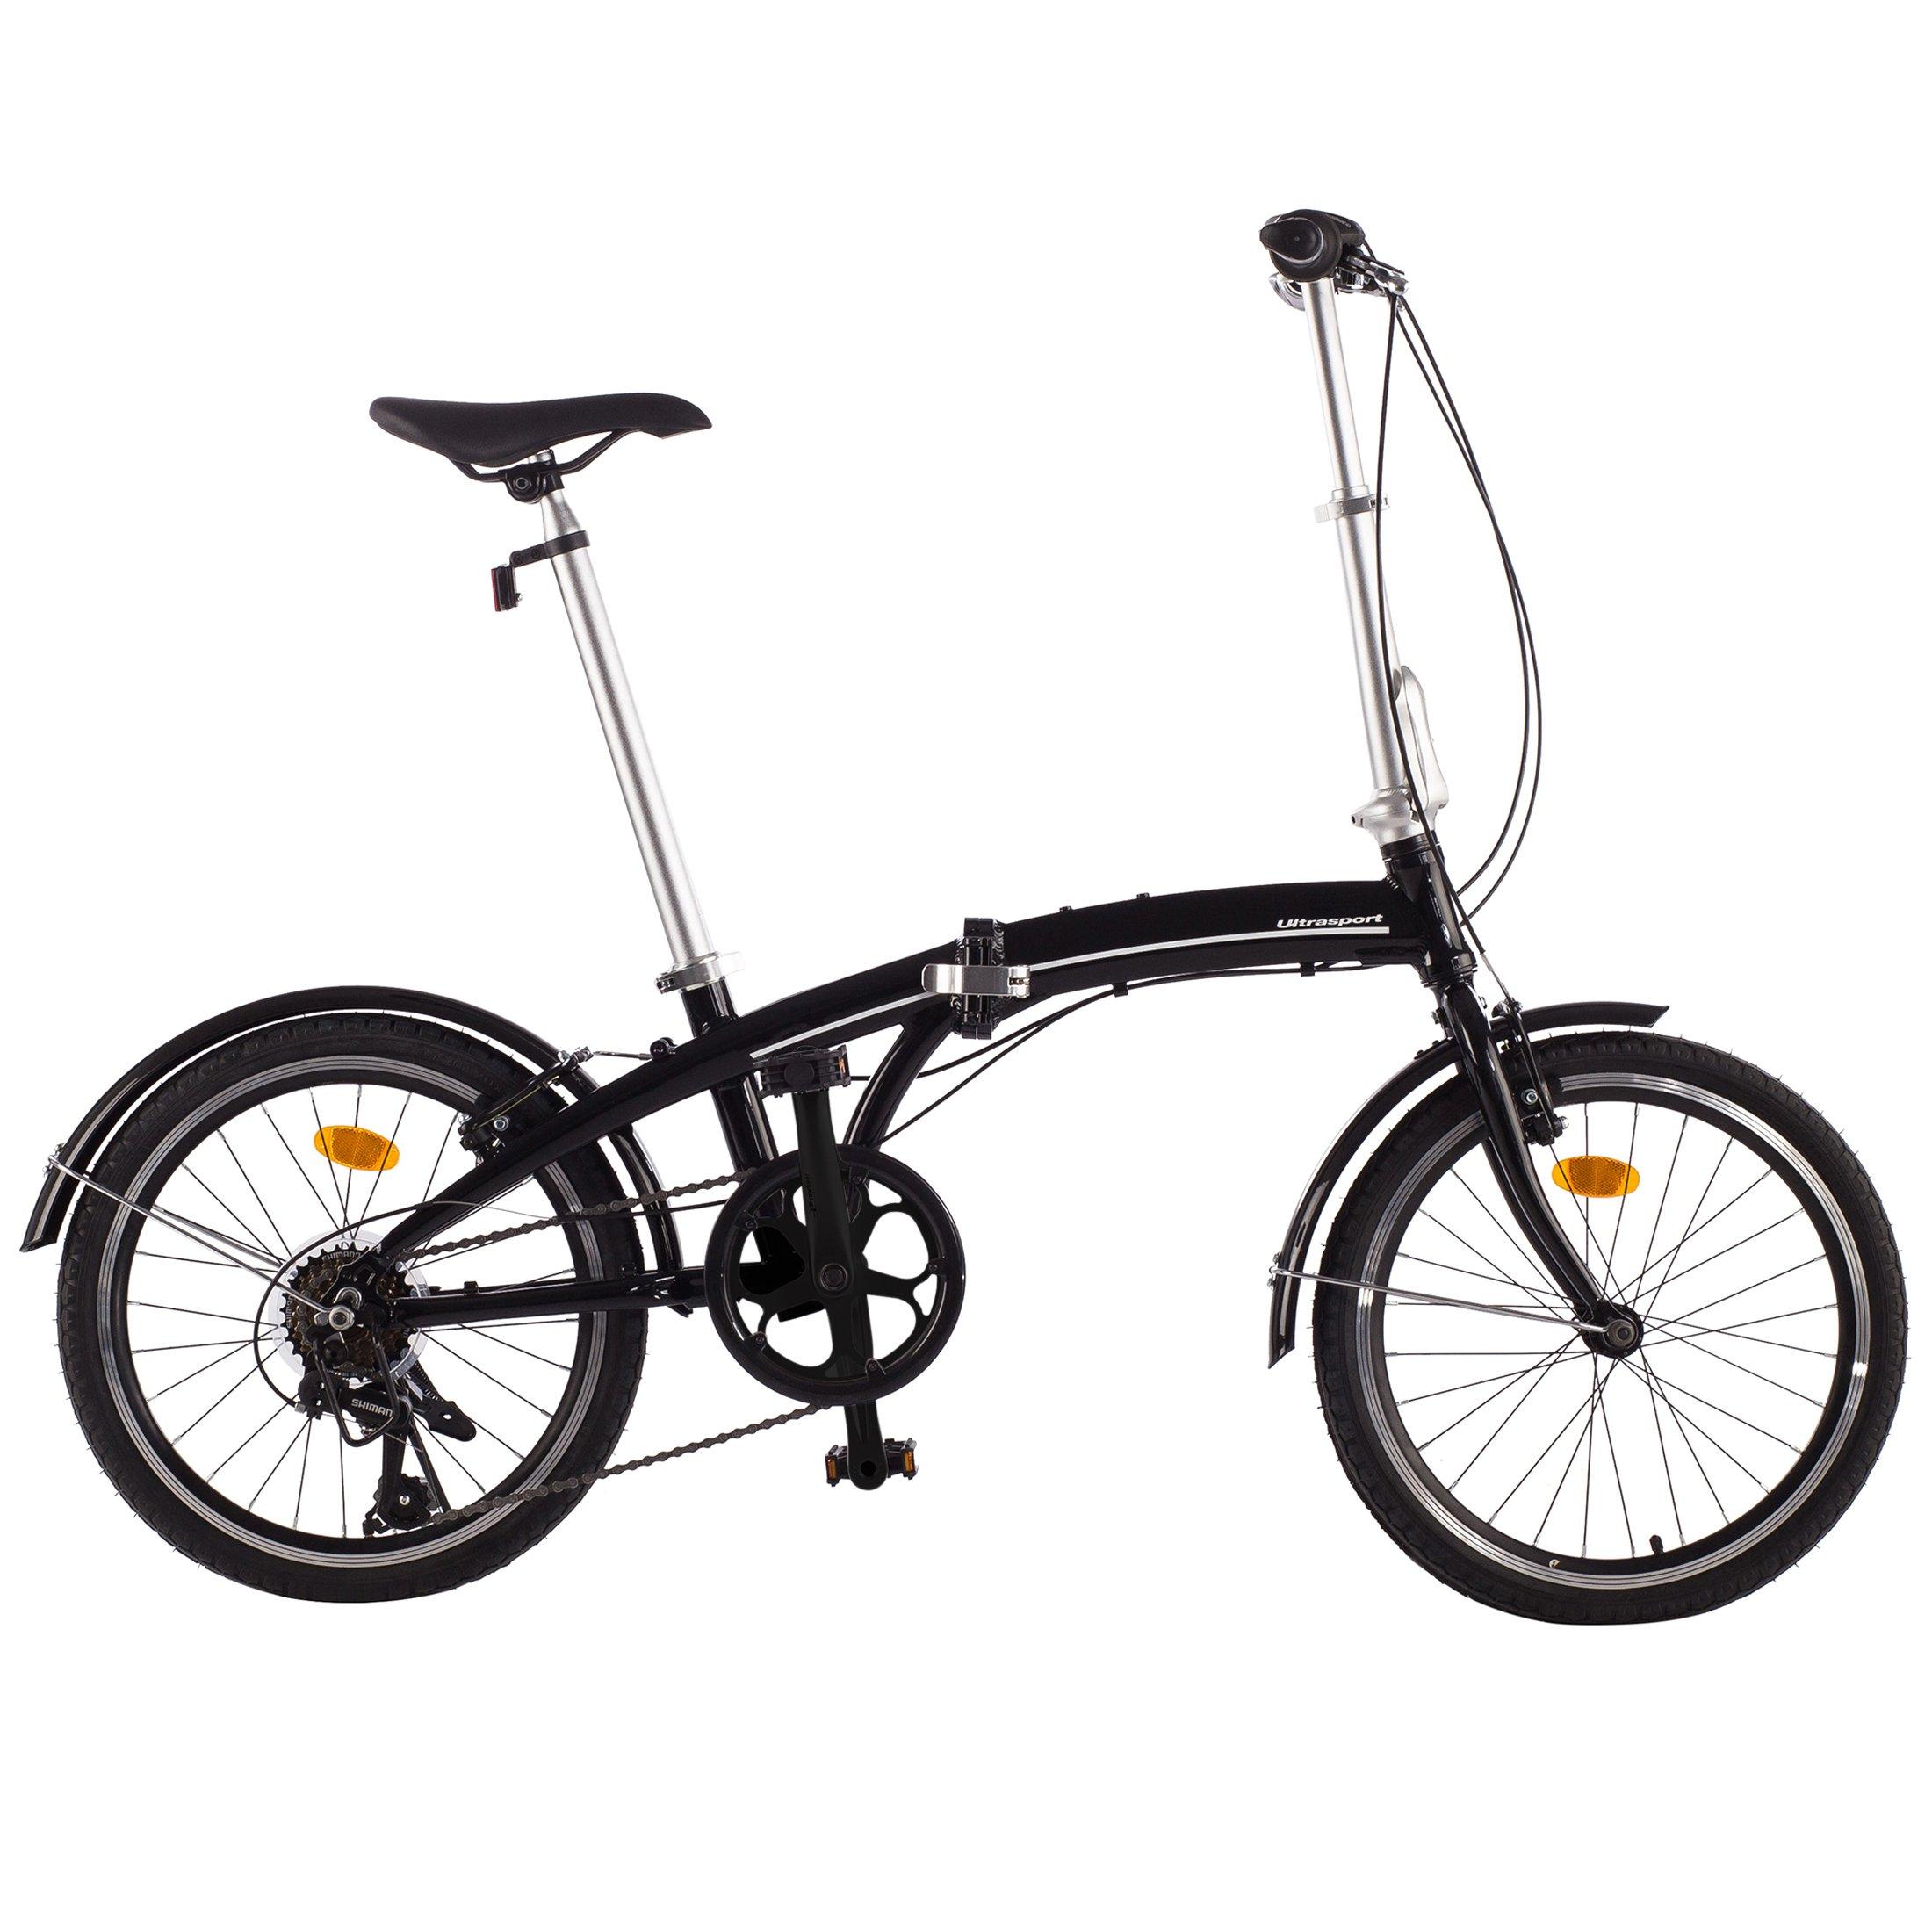 Bici Pieghevole In Alluminio.Ultrasport Bici Pieghevole Da 20 Pollici Bicicletta Pieghevole A 7 Rapporti Cambio Manuale Shimano Revoshift 7 Speed Con Manopola Girevole Manubrio